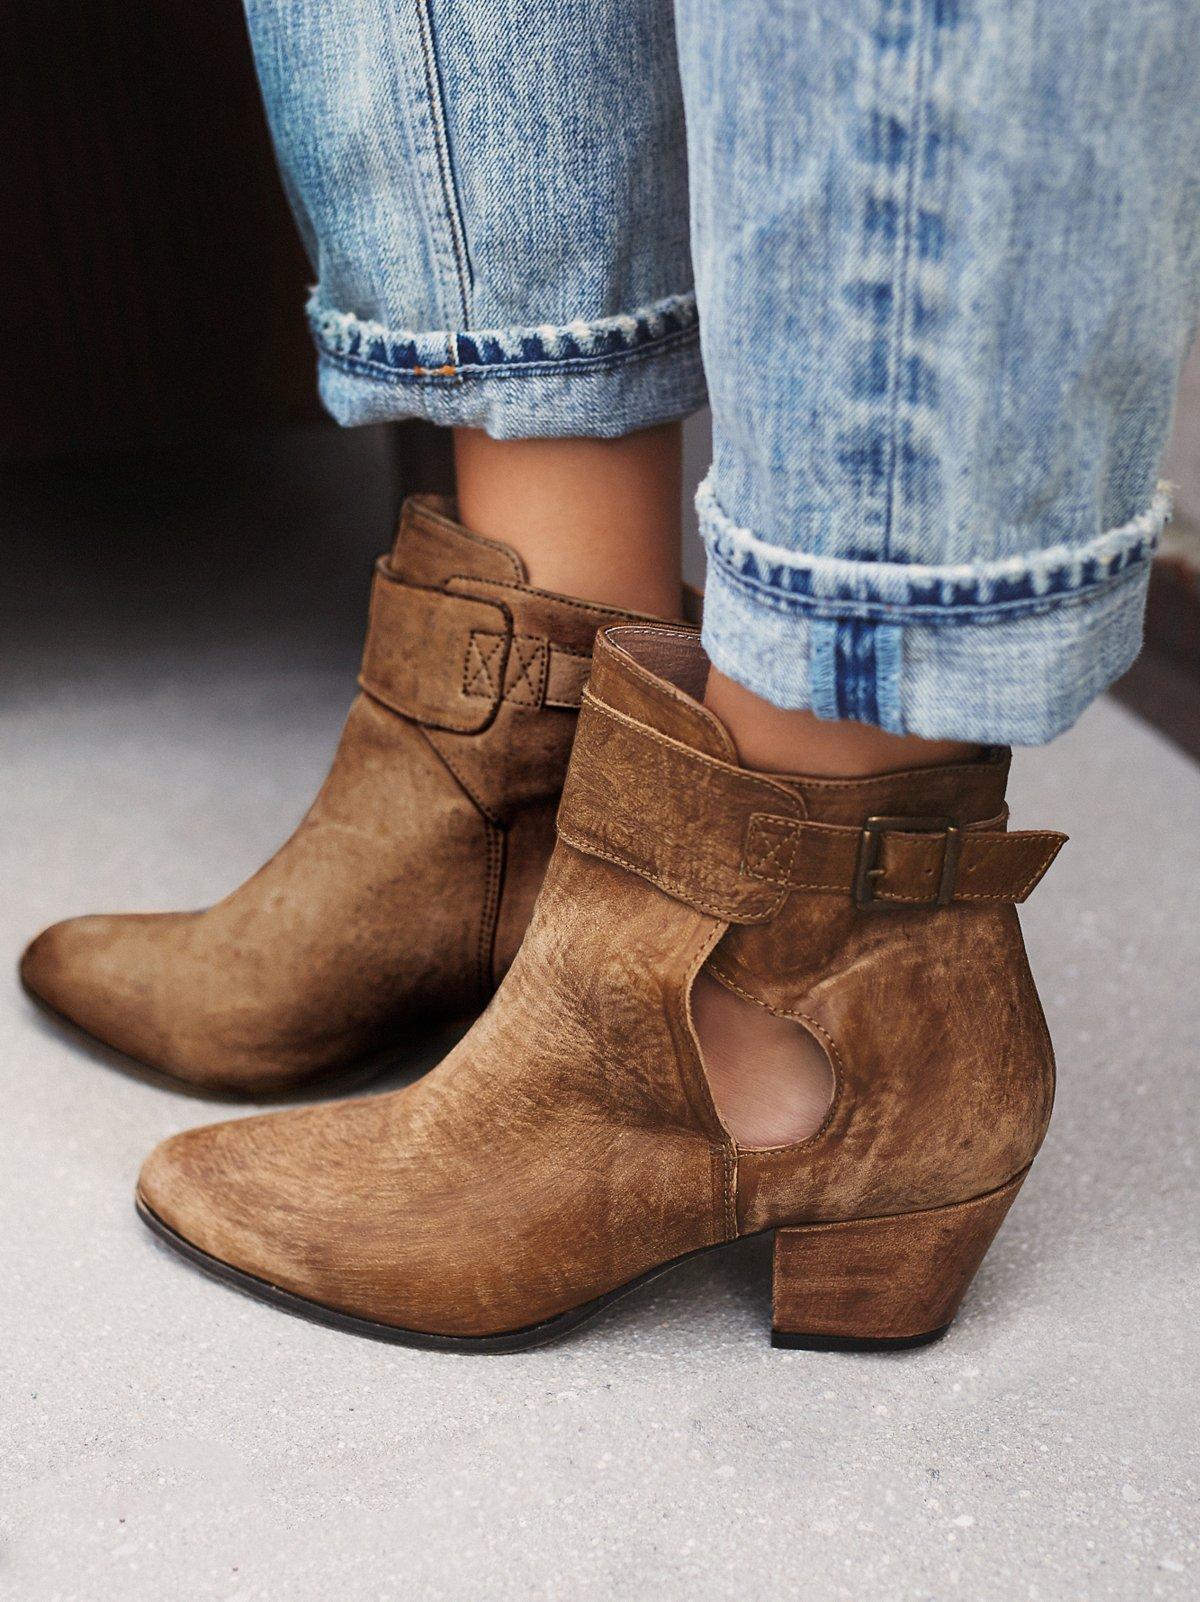 Belleville踝靴